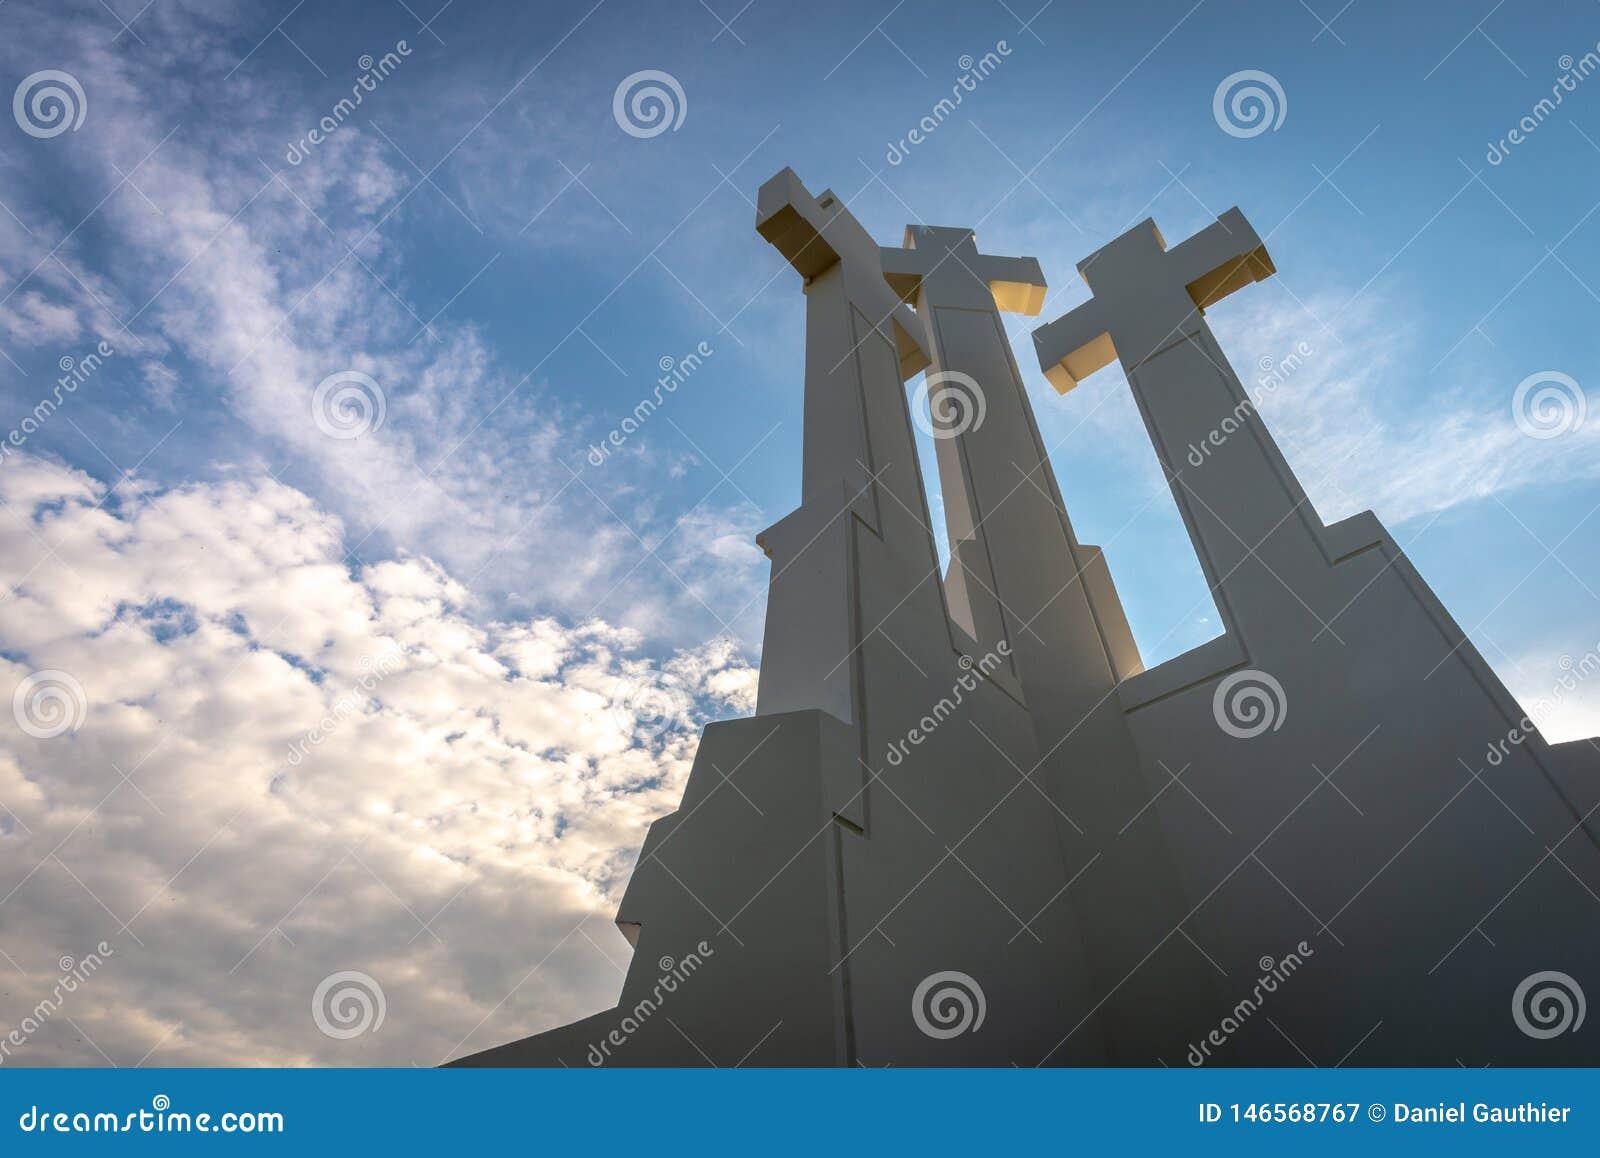 三个十字架纪念碑在维尔纽斯